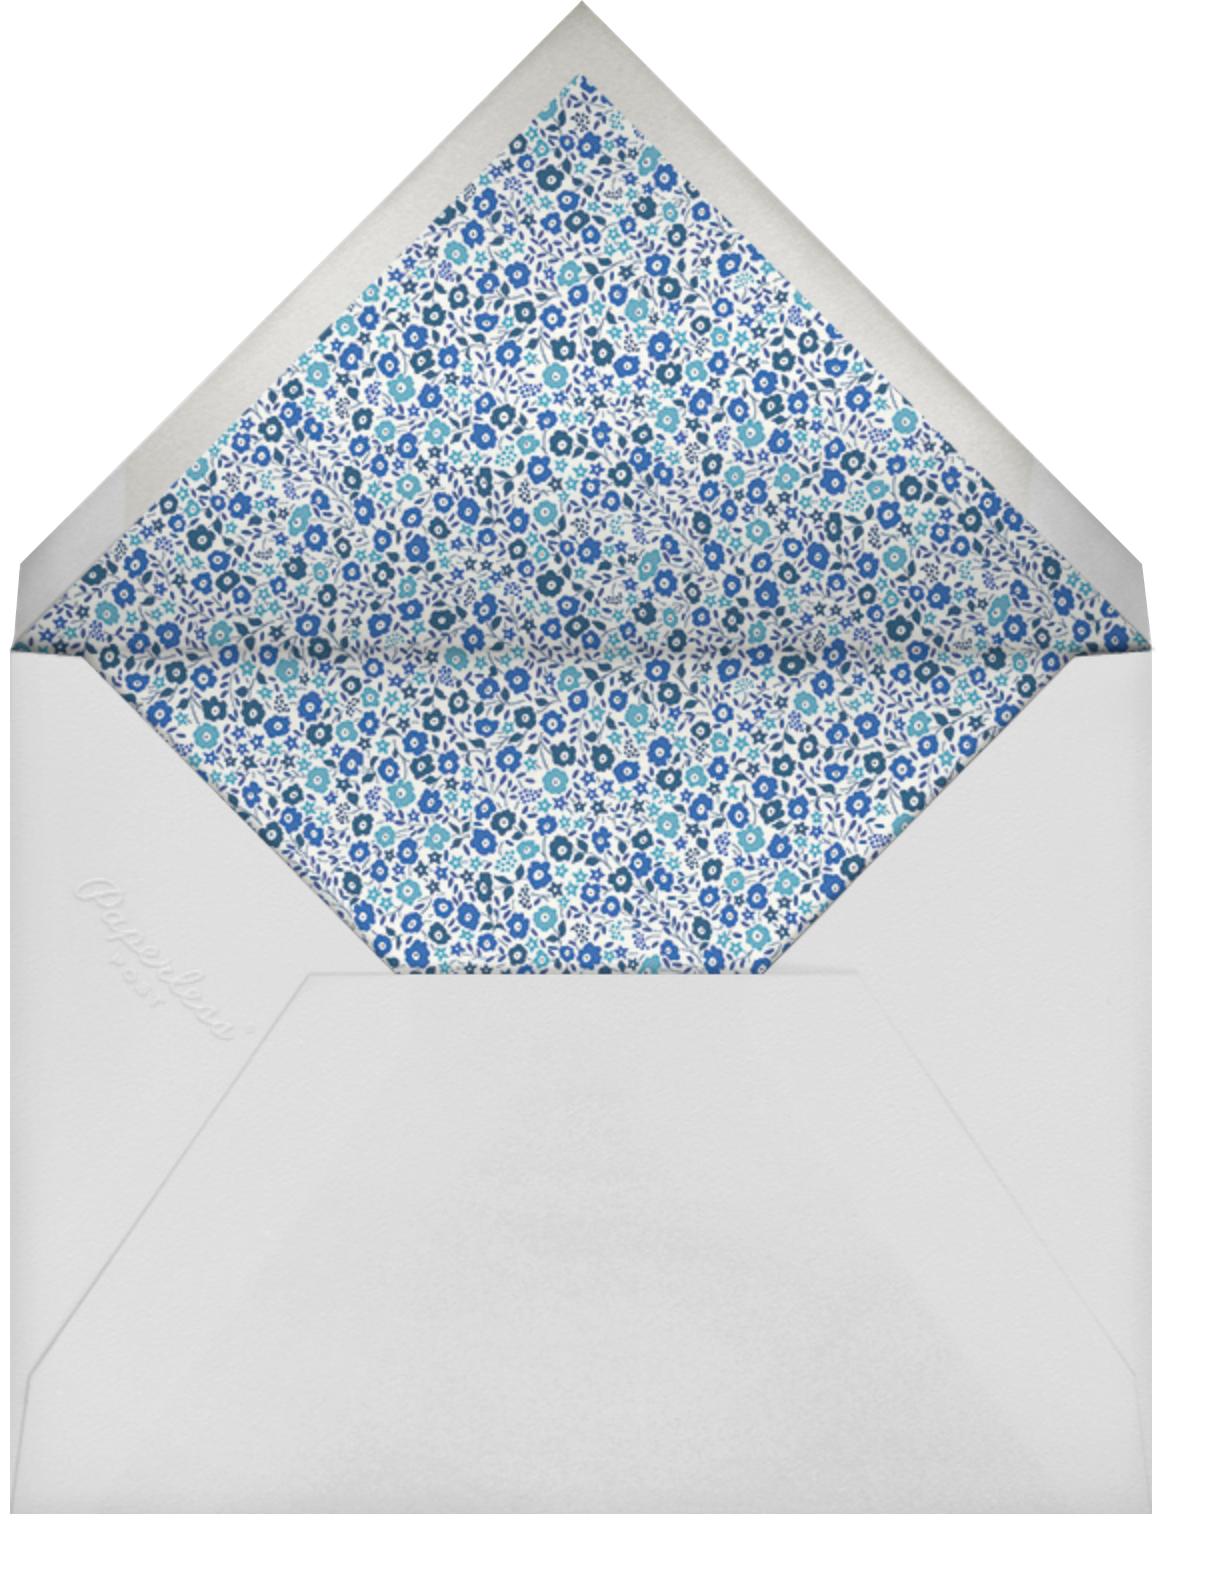 Fairford (Photo) - Lapis Lazuli - Liberty - Envelope